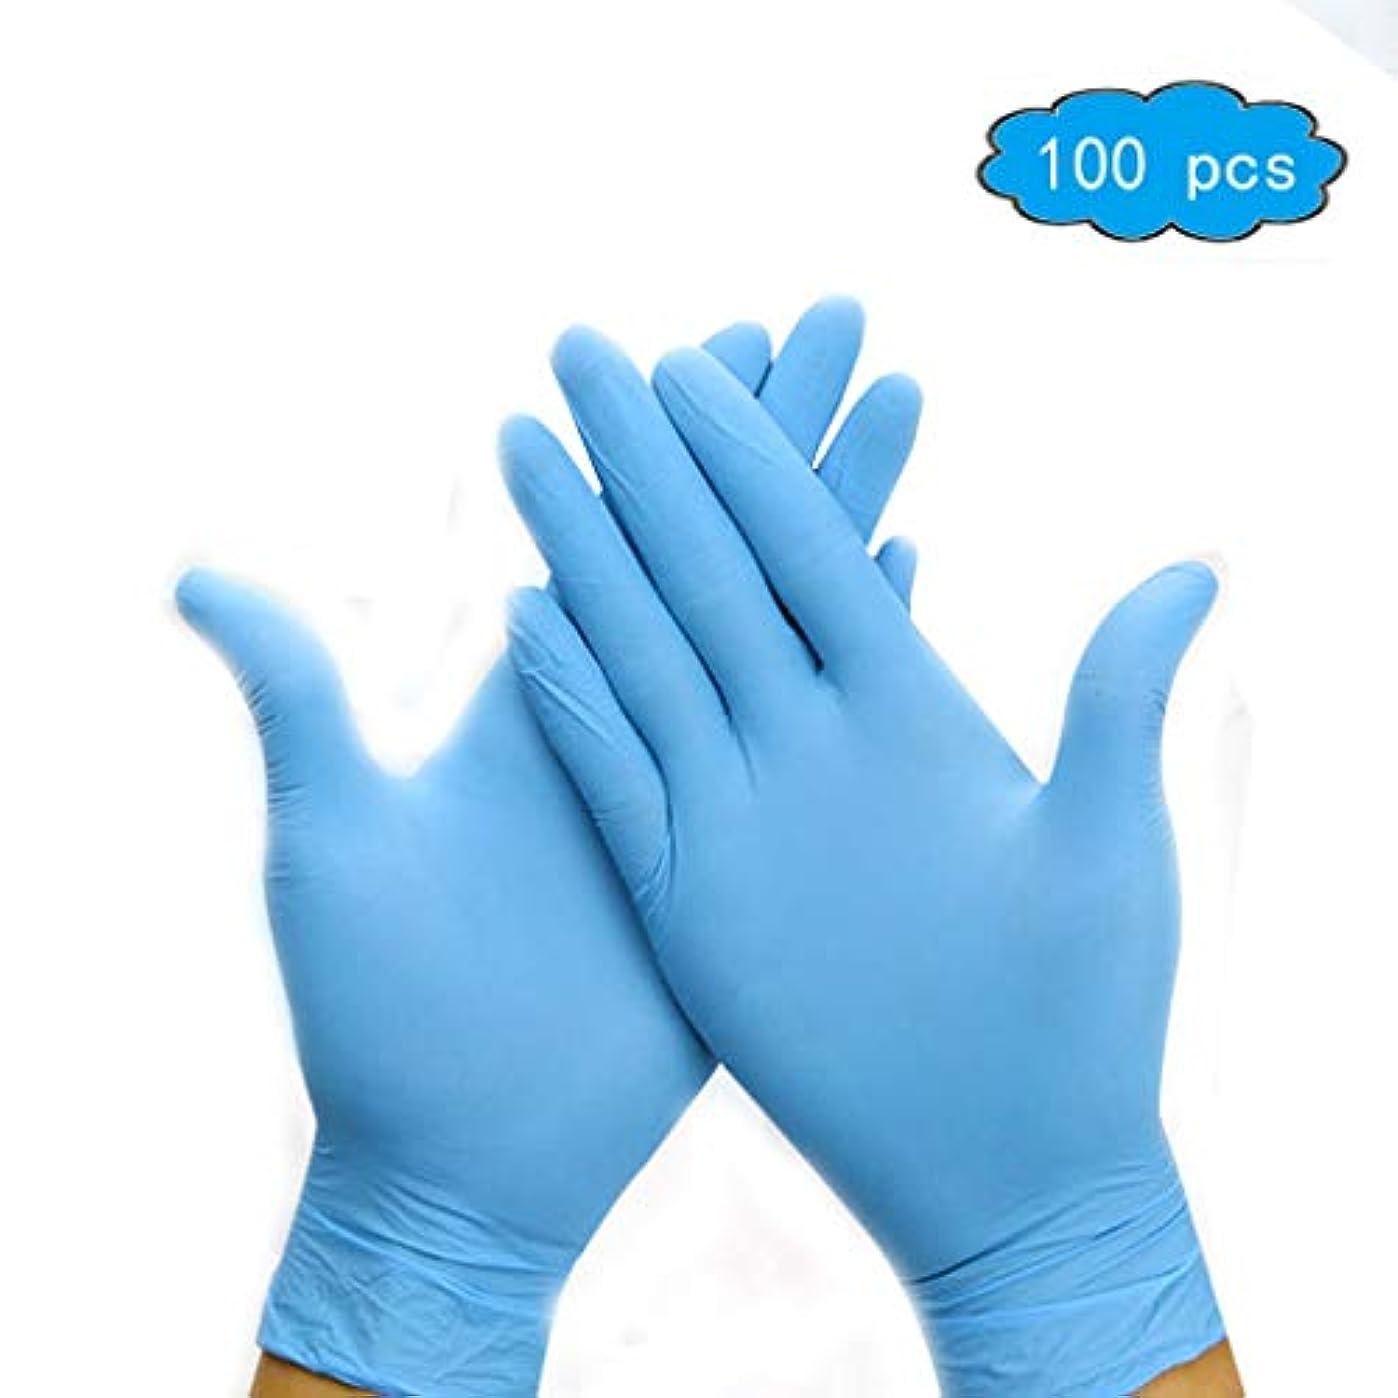 省不名誉な悩み使い捨てニトリル手袋 - パウダーフリー、ラテックスフリー、メディカル試験グレード、無菌、Ambidextrous - テクスチャード加工のソフト - クールブルー(中、1パック、100カウント)、手?腕の保護 (Color : Blue, Size : L)